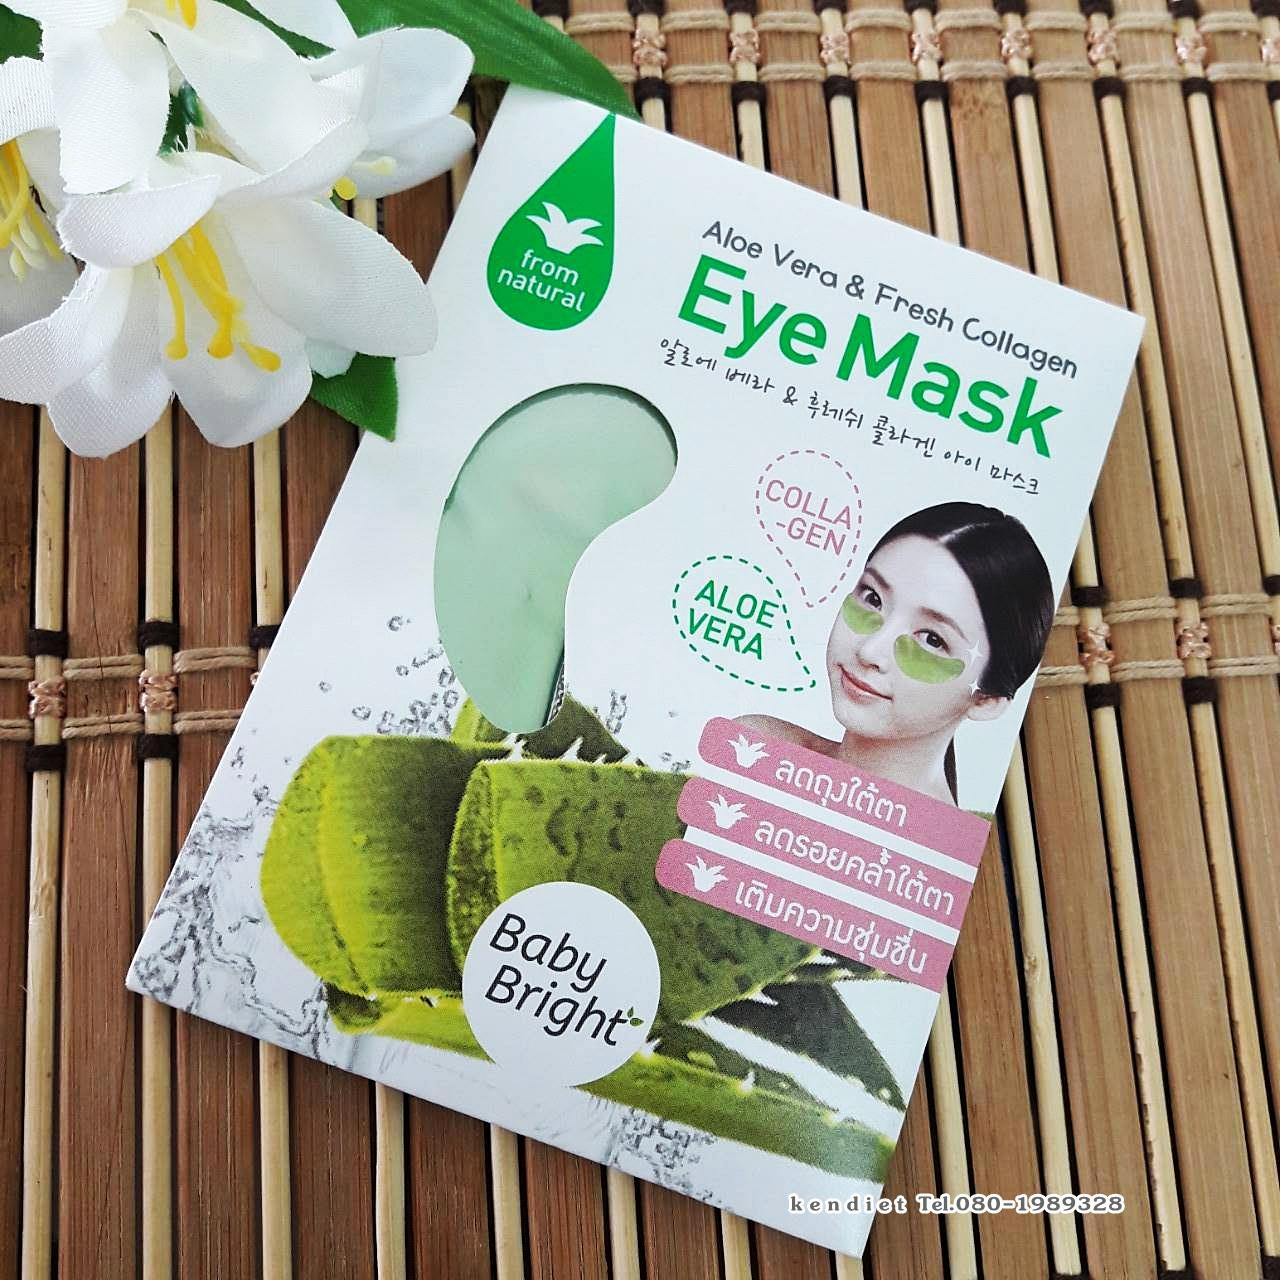 Baby Bright Aloe Vera & Fresh Collagen Eye Mask สูตรลดริ้วรอย ลดถุงใต้ตา ใต้ตาหมองคล้ำ